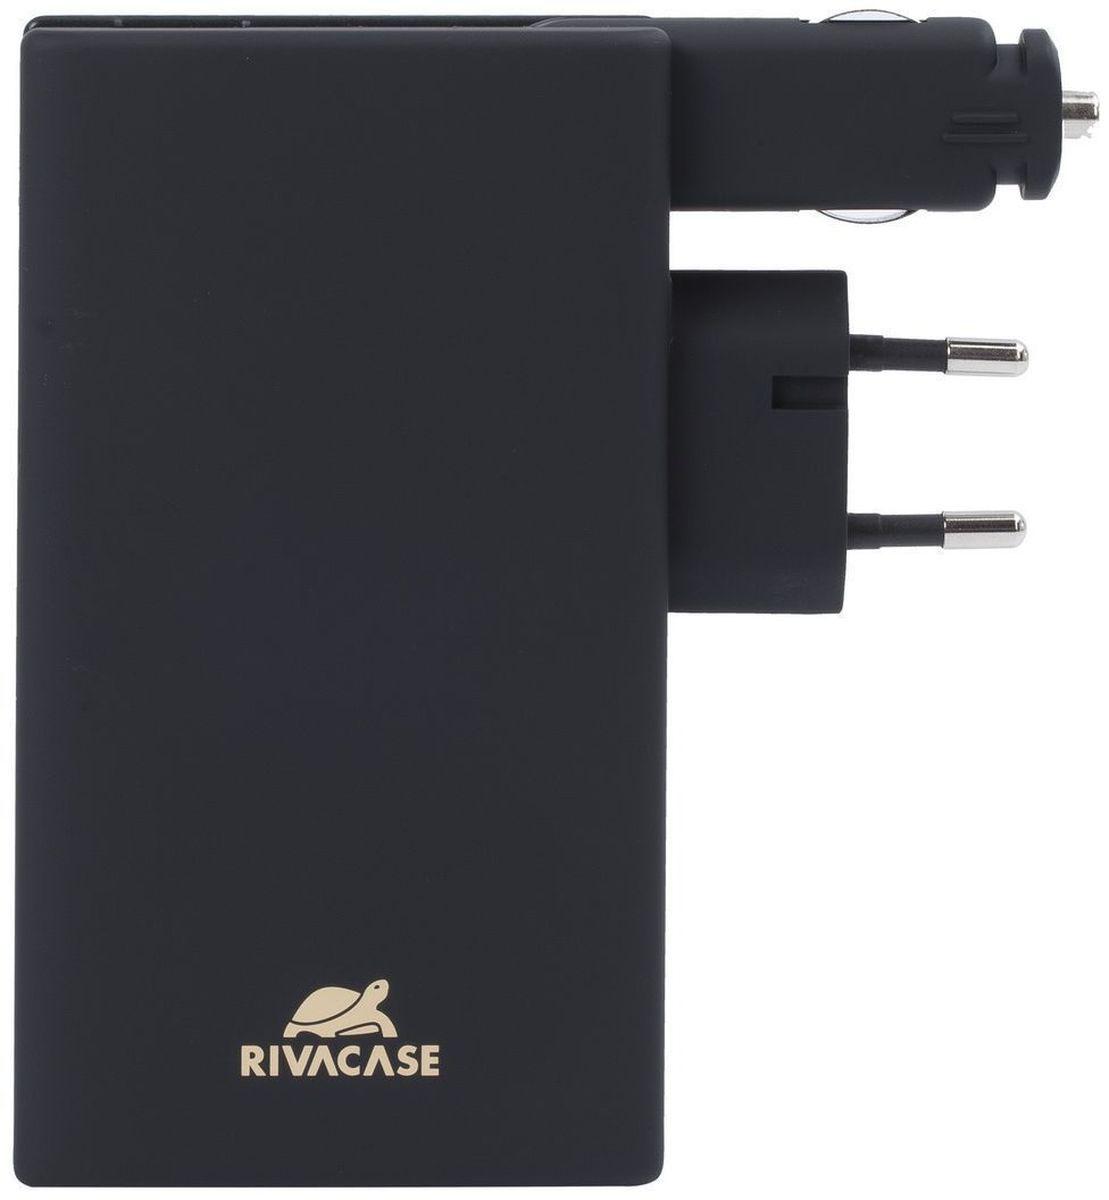 Rivapower VA4749, Black внешний аккумулятор (5000 мАч)VA 4749Rivapower VA4749- это литий-полимерный аккумулятор. Совместим с большинством популярных моделей смартфонов и планшетов, включая iPhone 5/6 и iPad 3. Для зарядки устройств Apple необходимо наличие оригинального кабеля Apple Lightning. Имеет защиту от перегрузок, короткого замыкания, чрезмерного заряда и разряда. Имеется функция автоматического включения/выключения. Достаточно подключить кабель к micro-USB разъему мобильного устройства, и он уже заряжается. Для проверки уровня заряда встряхните аккумулятор. 4 светодиодных индикатора покажут оставшийся уровень заряда. Нажмите кнопку на задней стороне устройства, чтобы освободить вилку. По завершении зарядки снова нажмите кнопку, чтобы убрать вилку внутрь устройства. Для зарядки устройства в автомобиле разверните автомобильный штекер и вставьте его в прикуриватель. Не используйте оба зарядных разъема одновременно.